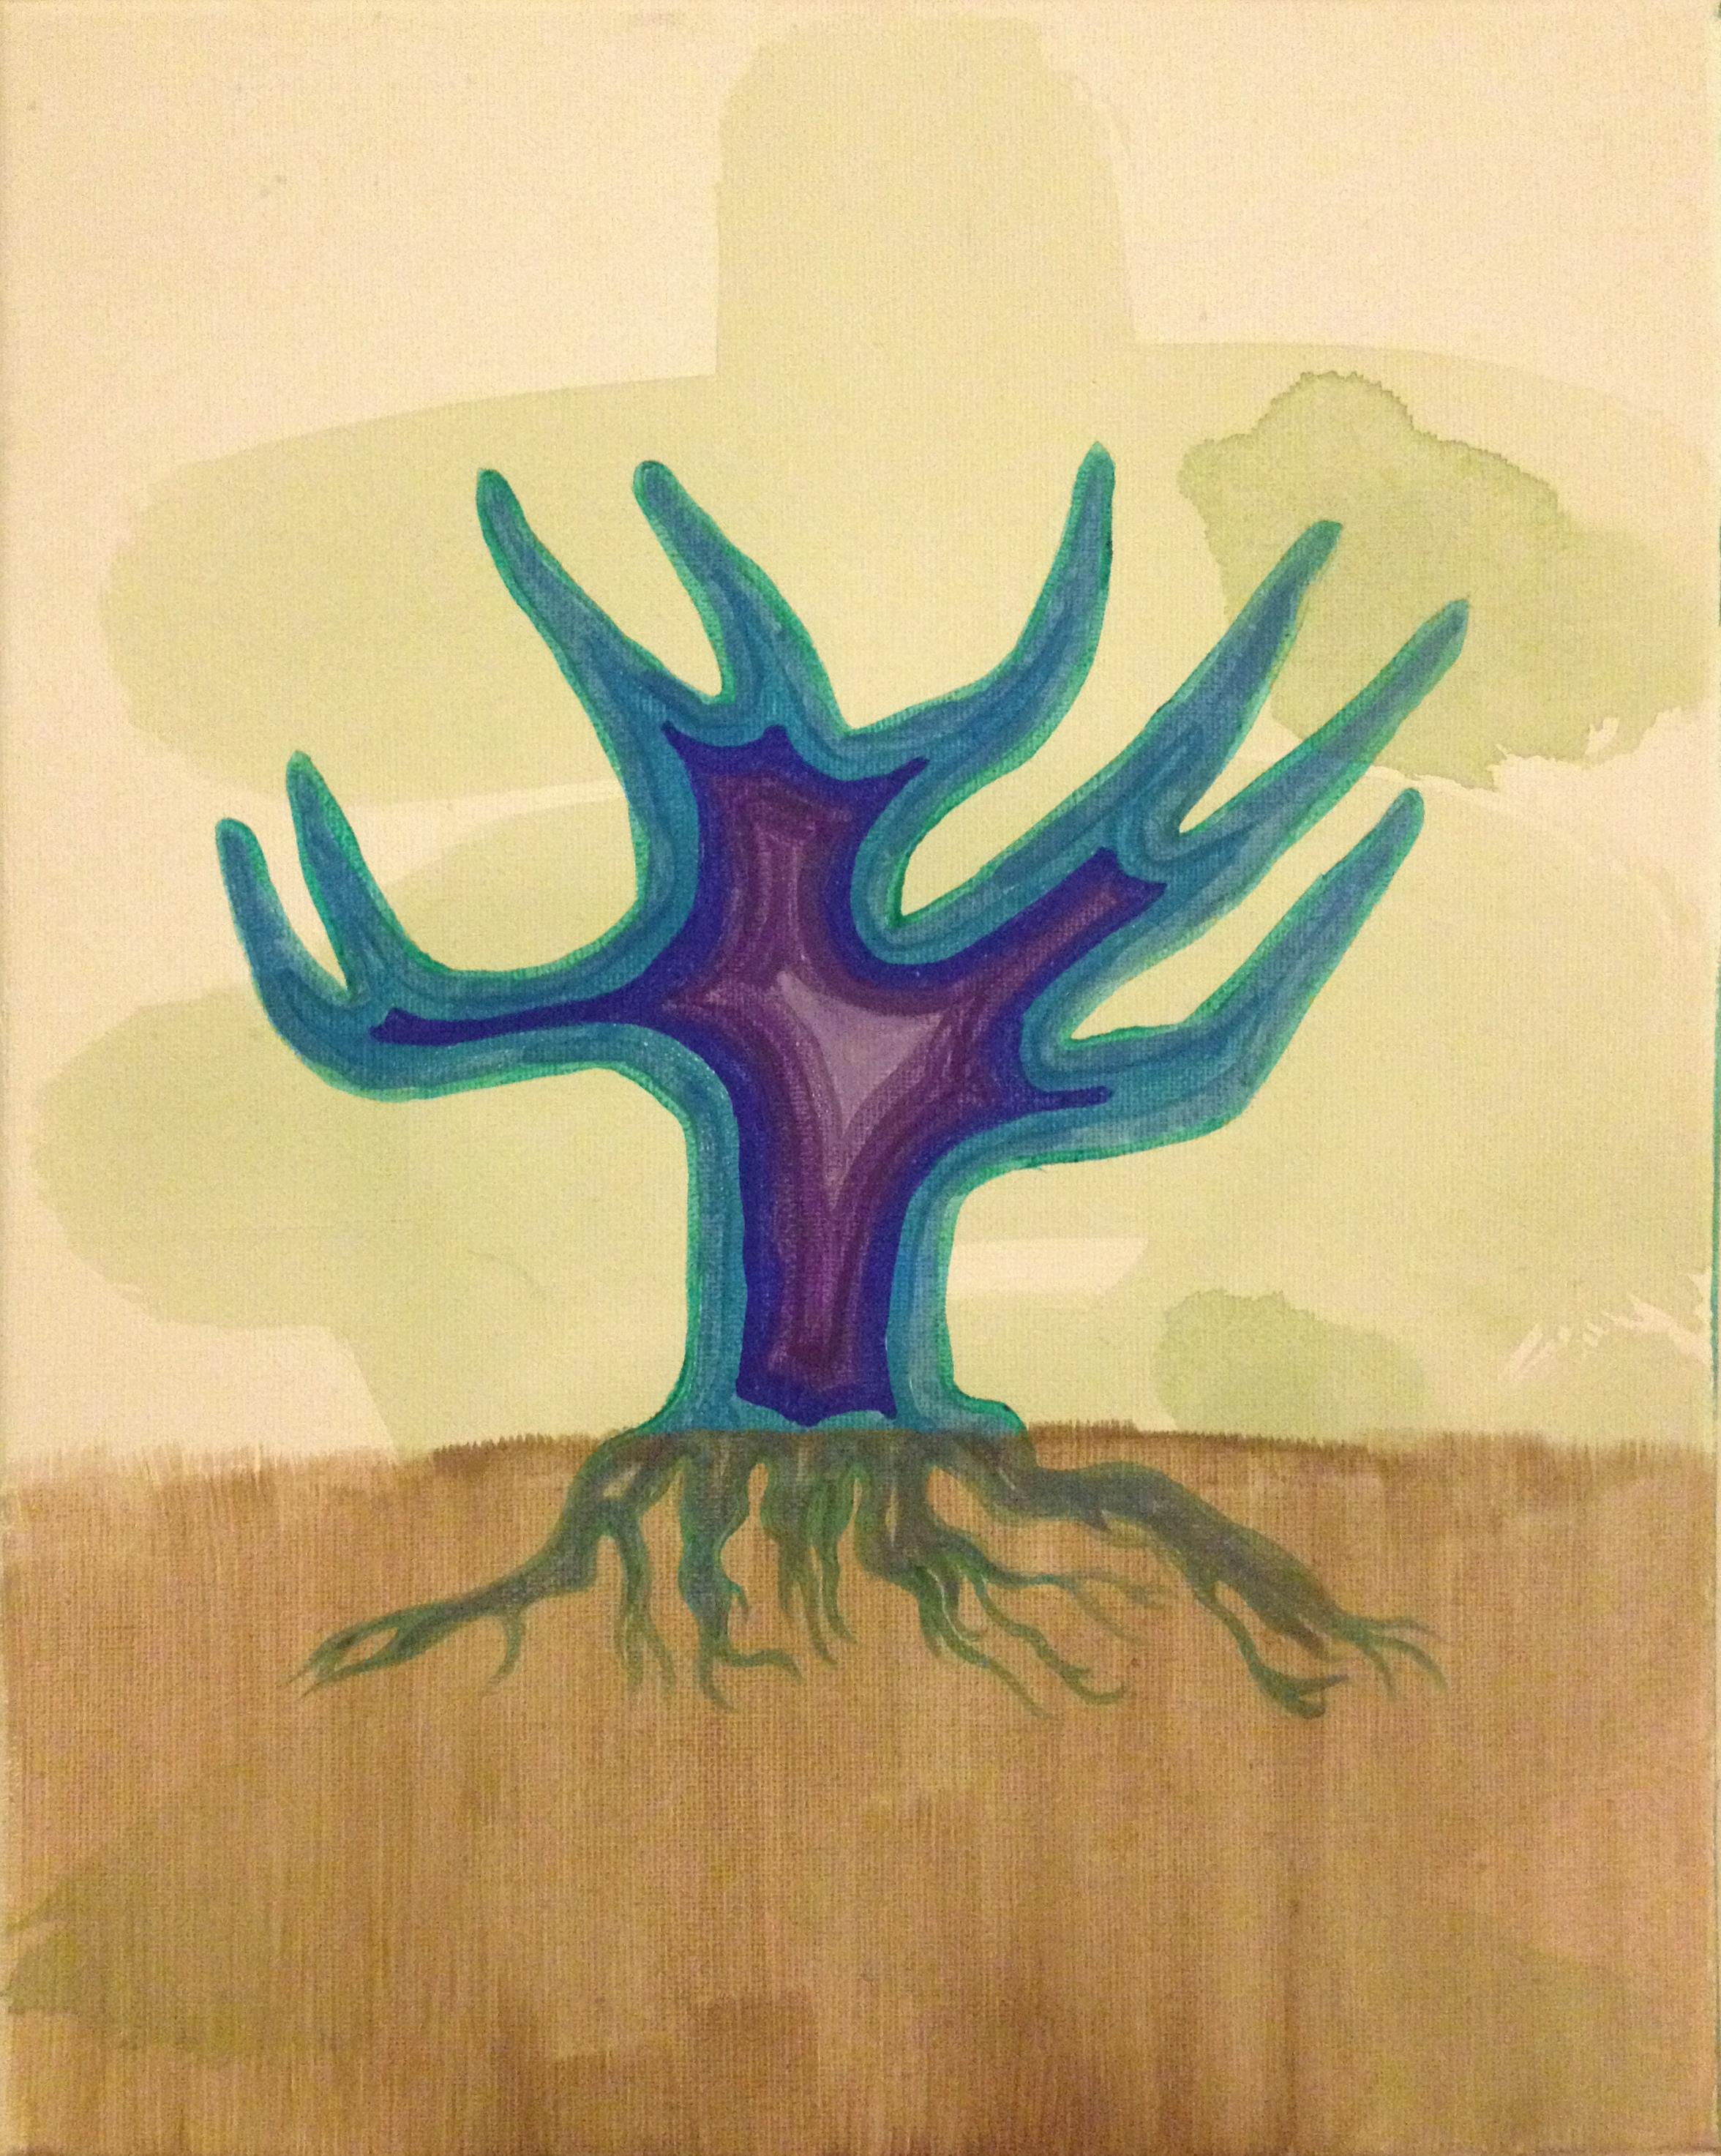 Tree Series I - Untitled 1